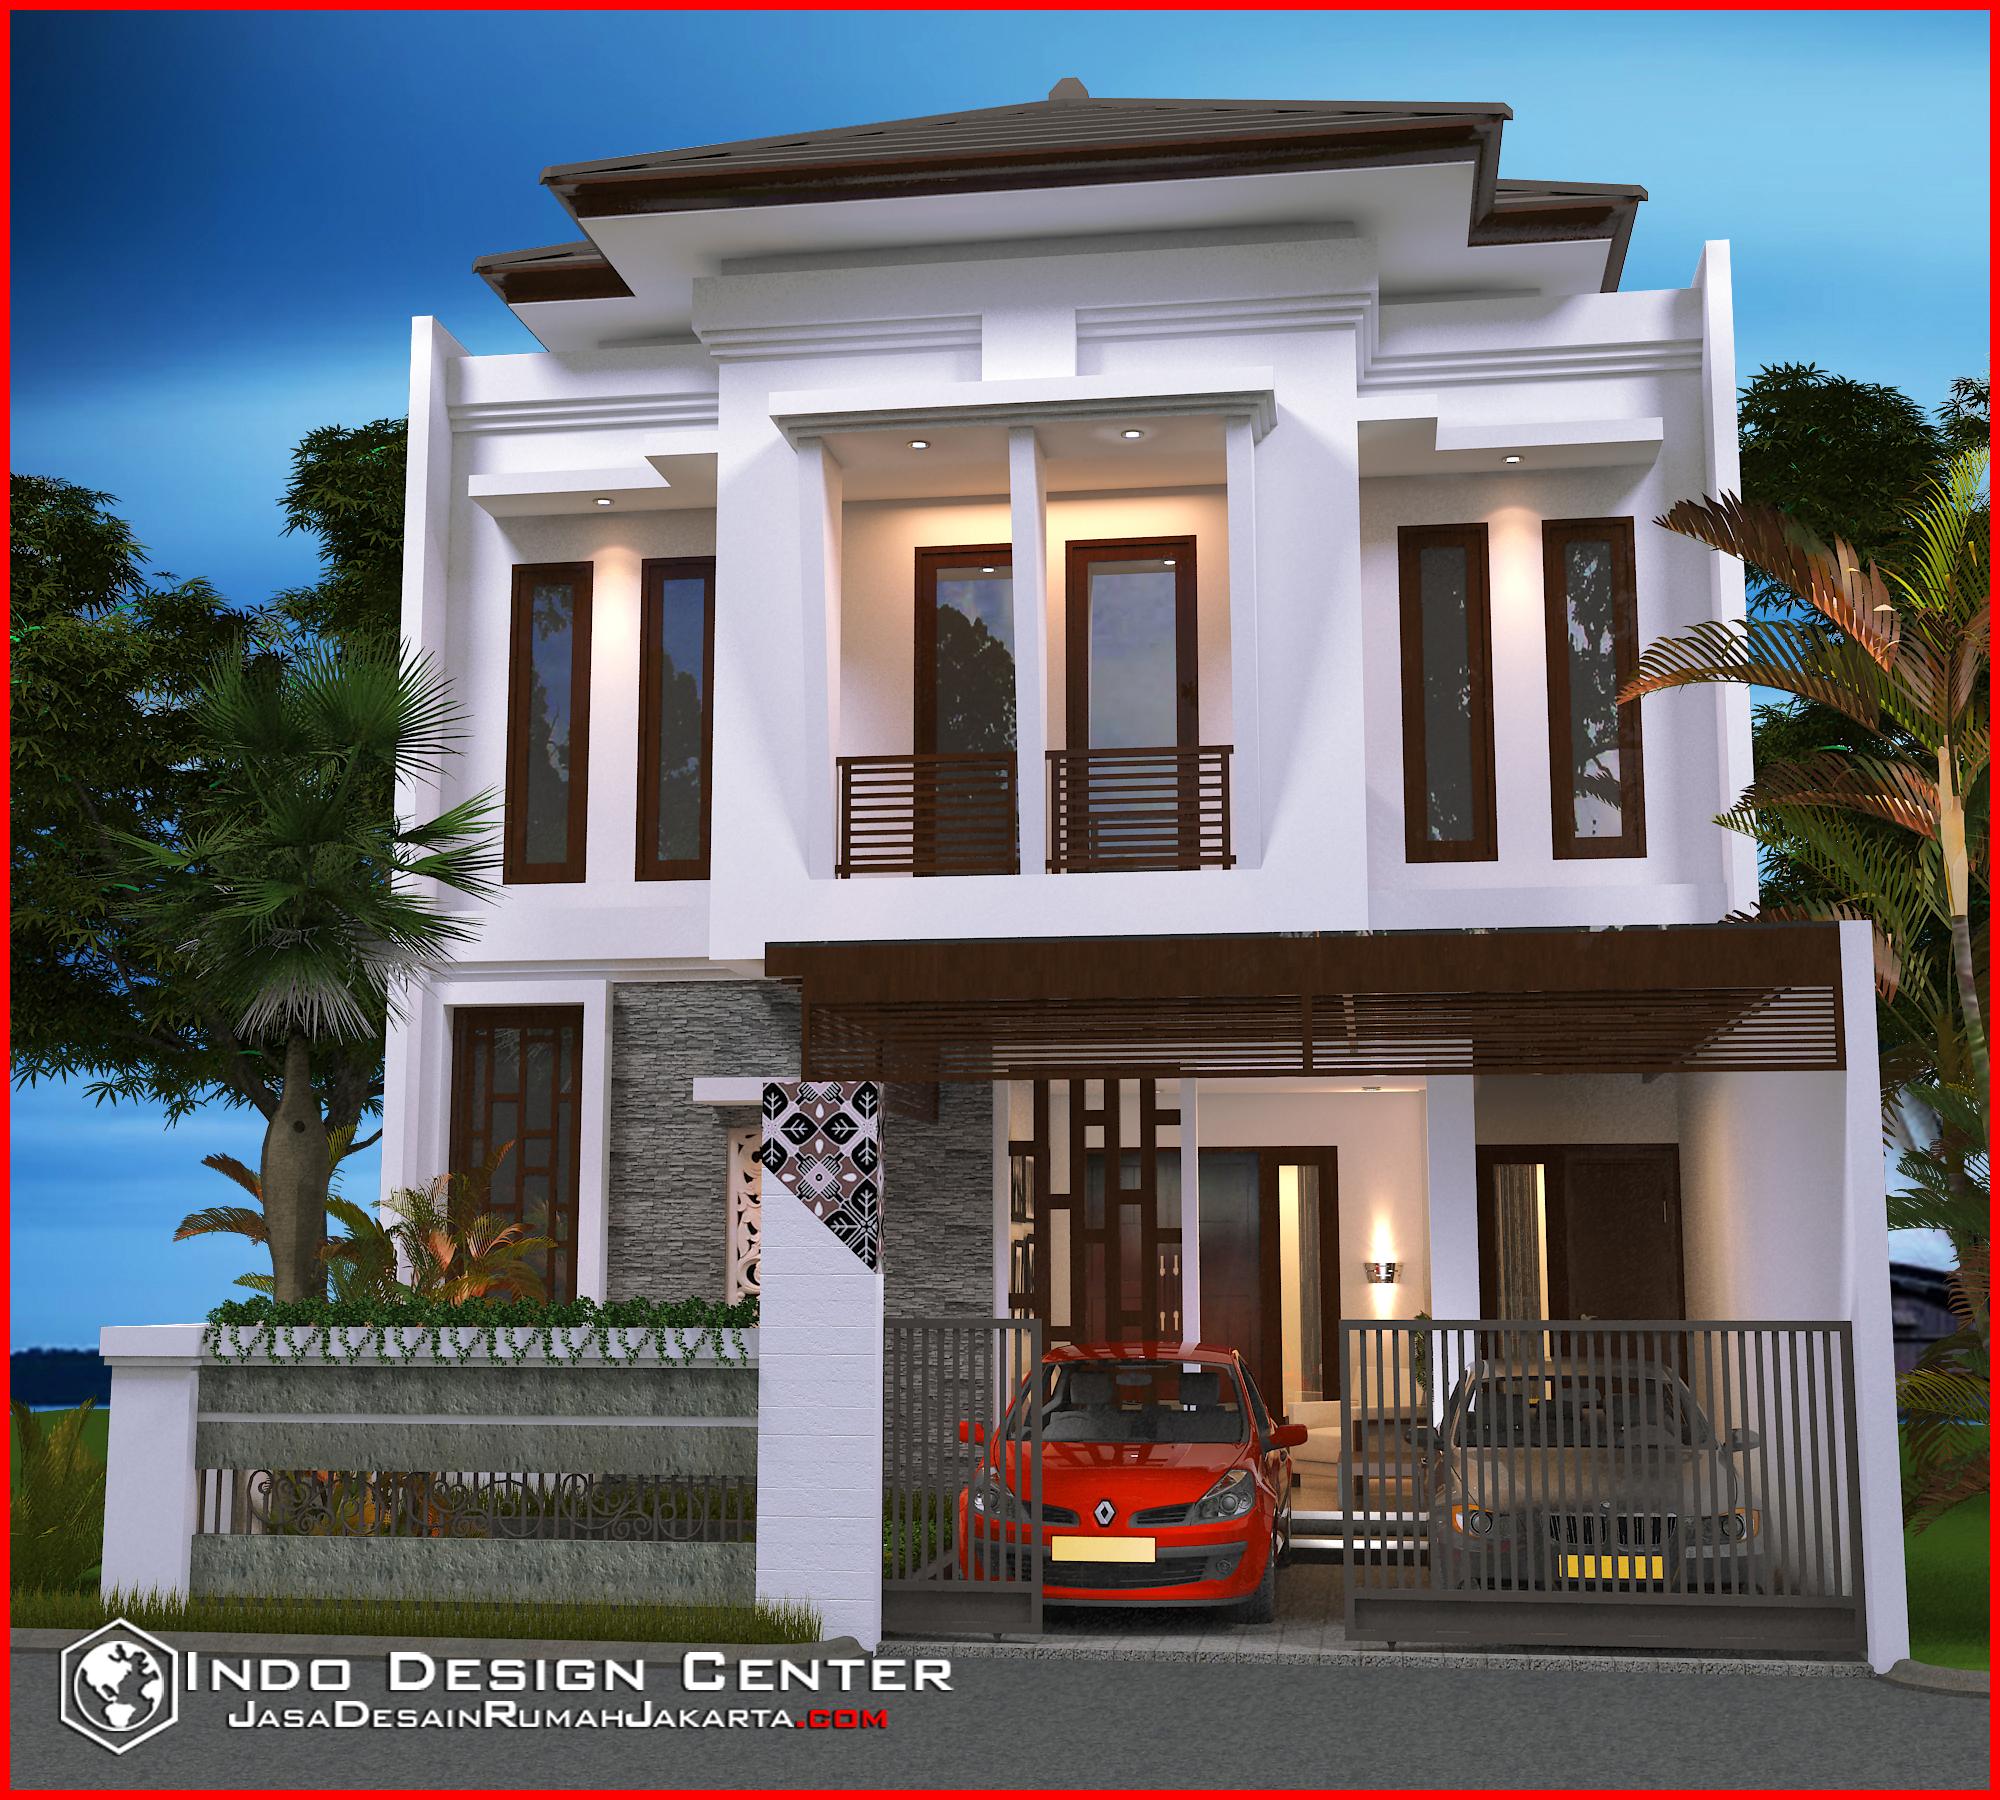 Gambar Rumah Minimalis Yang Terlihat Mewah Jasa Desain Rumah